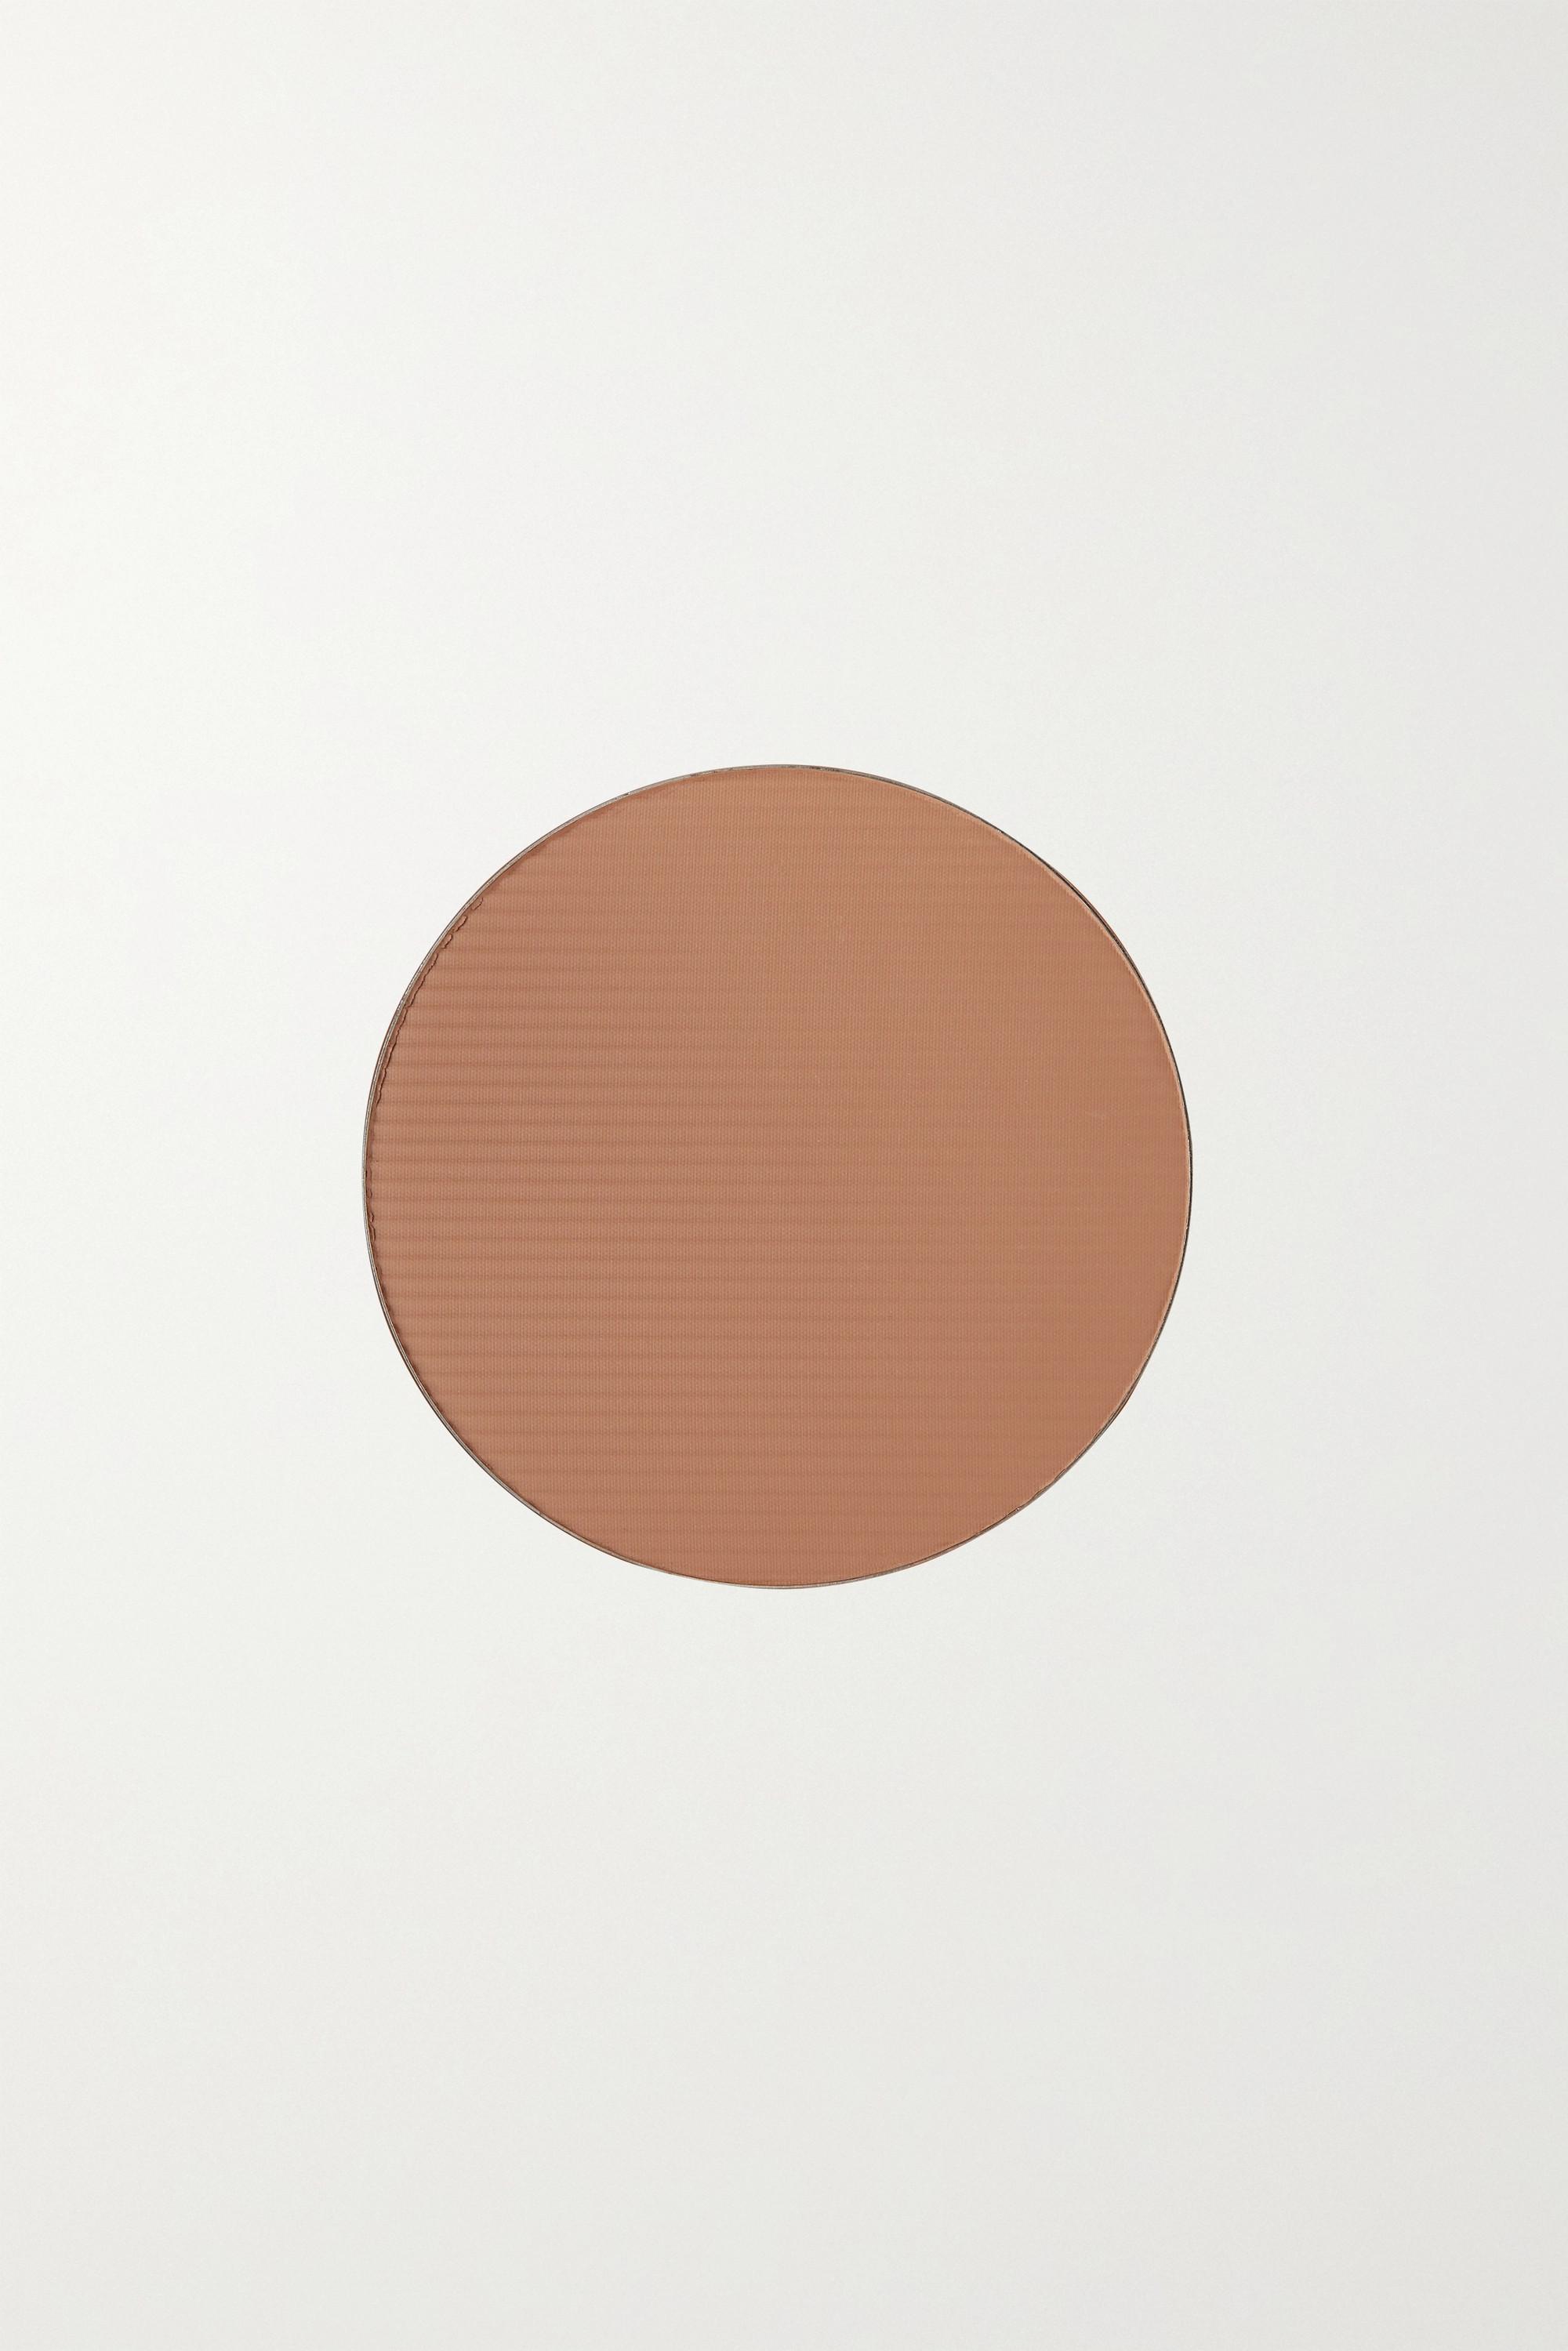 Marc Jacobs Beauty O!mega Bronze Coconut Perfect Tan - Tan-Tastic 104